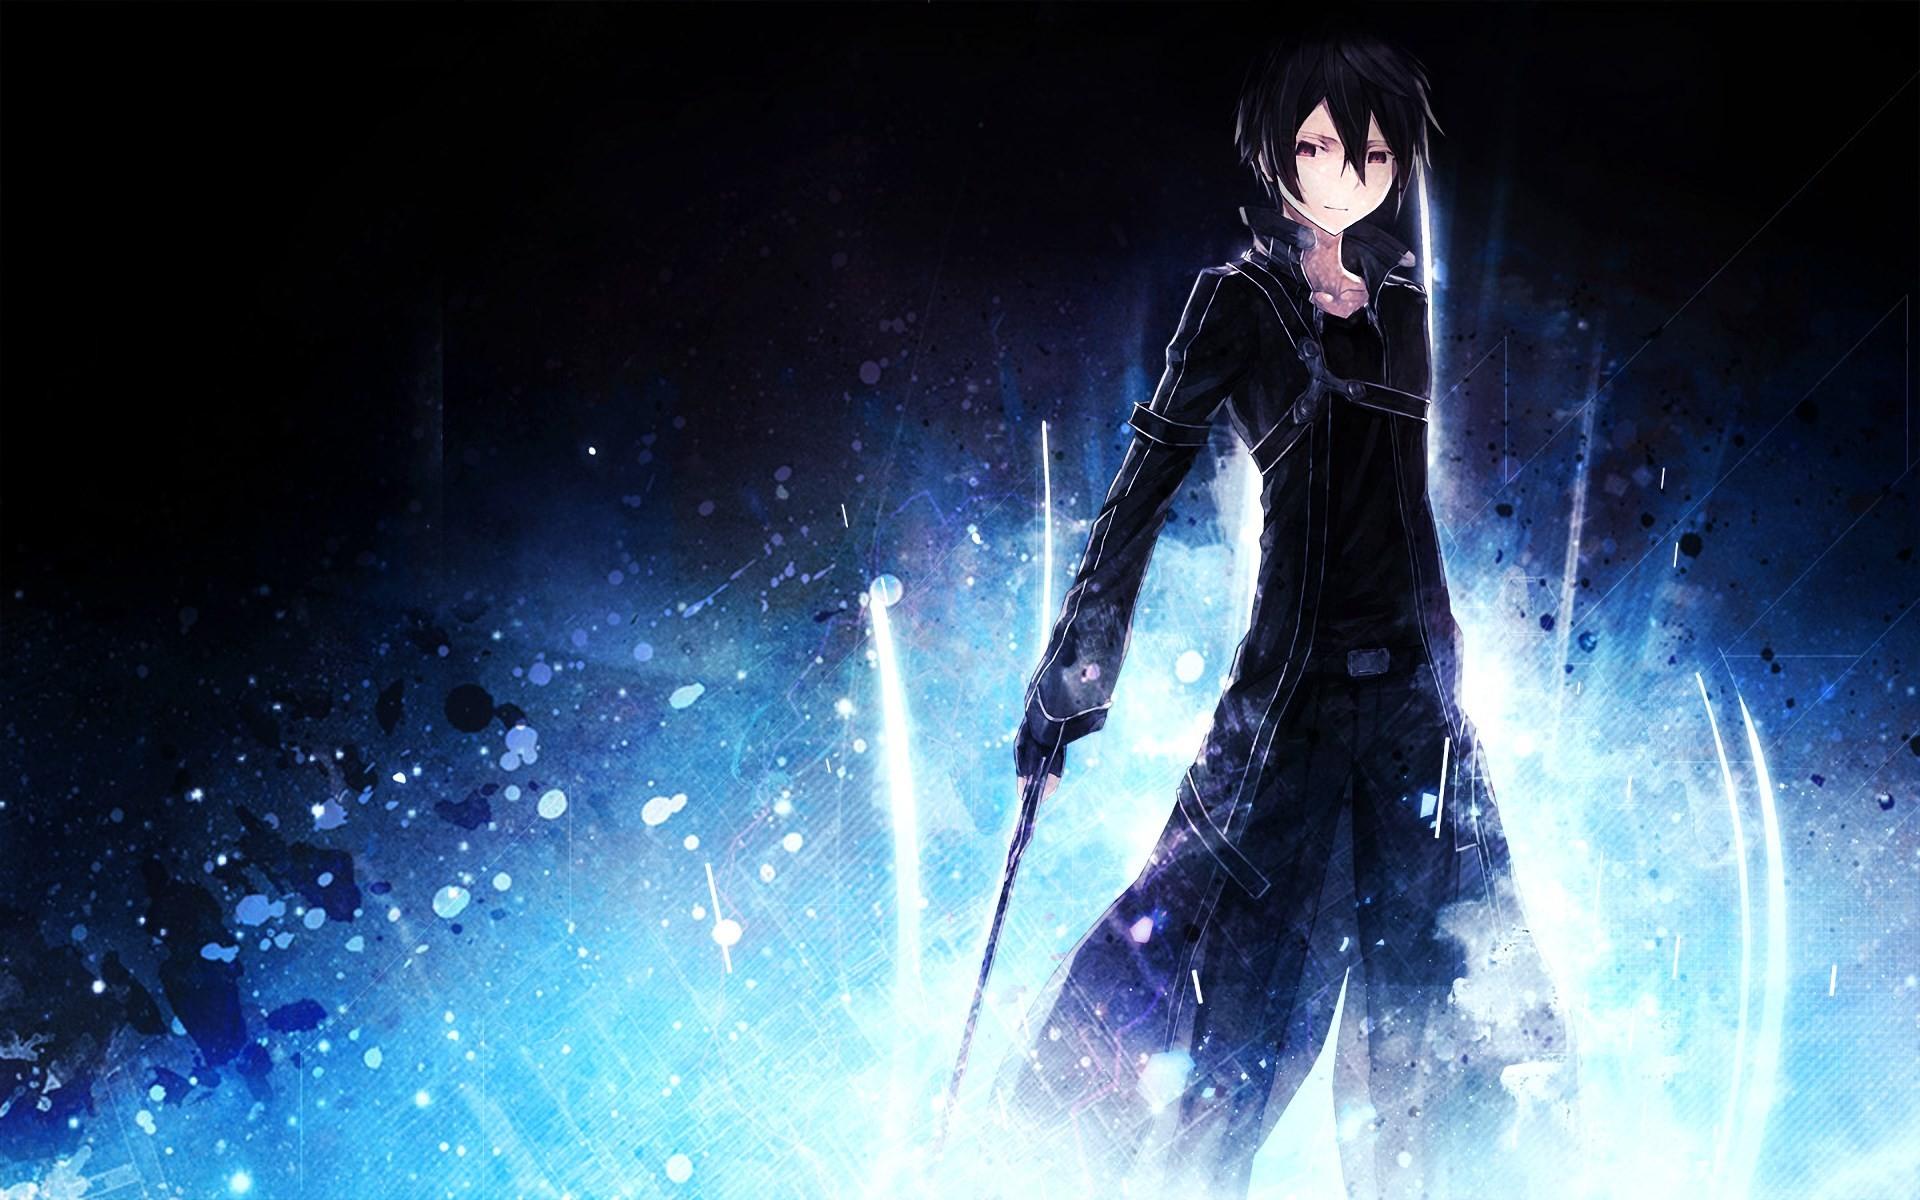 Desktop Backgrounds – sword art online image – sword art online category